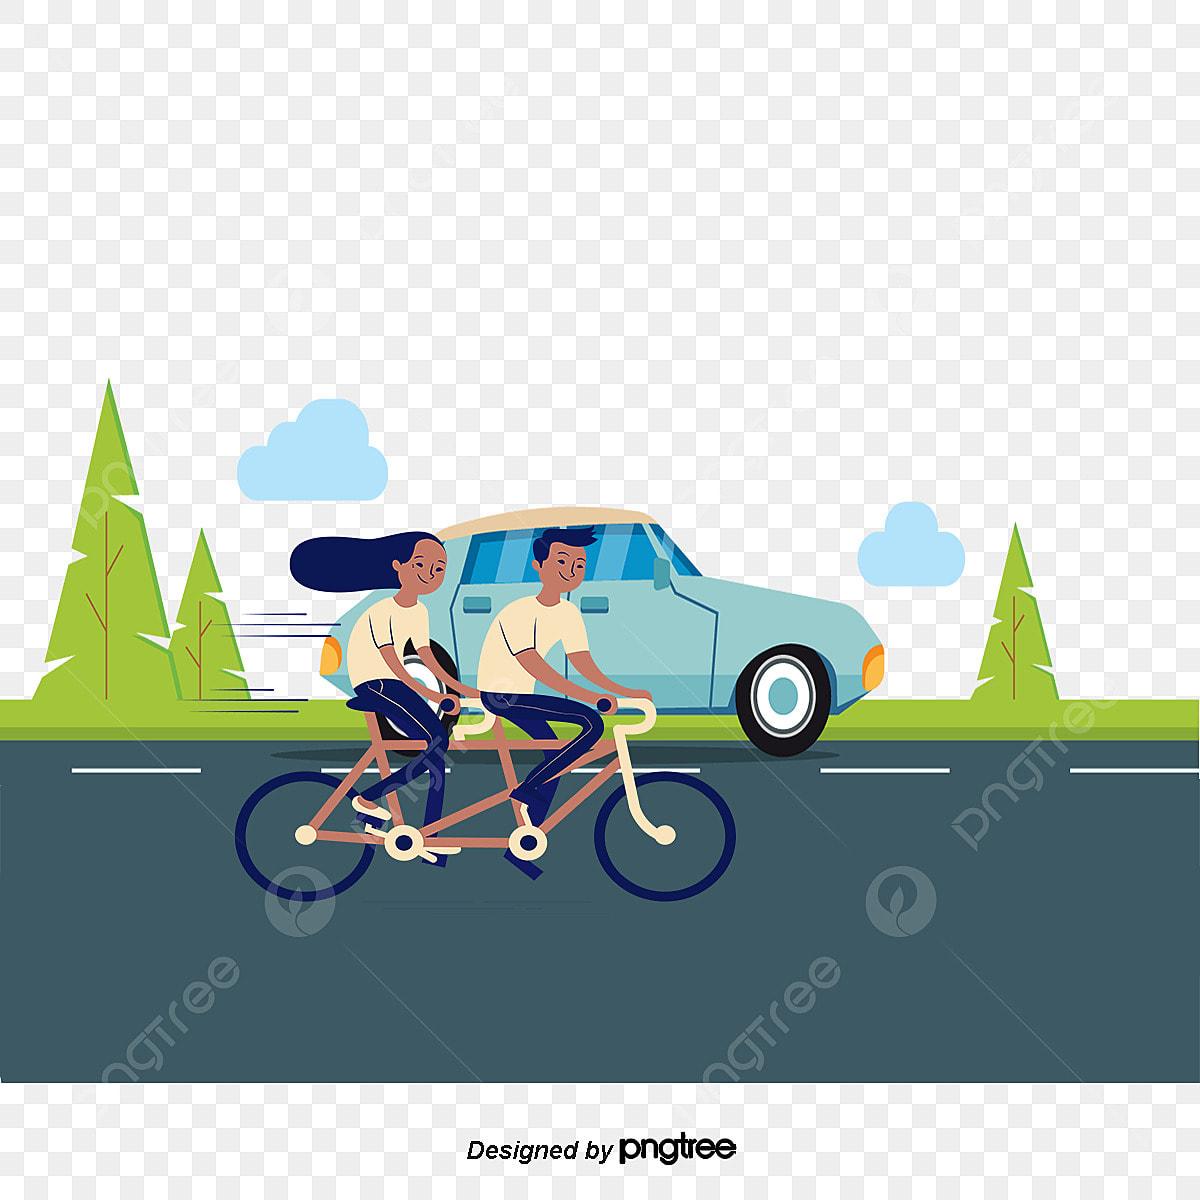 dessin de couple illustration romantique scooter le v u00e9lo png et vecteur pour t u00e9l u00e9chargement gratuit